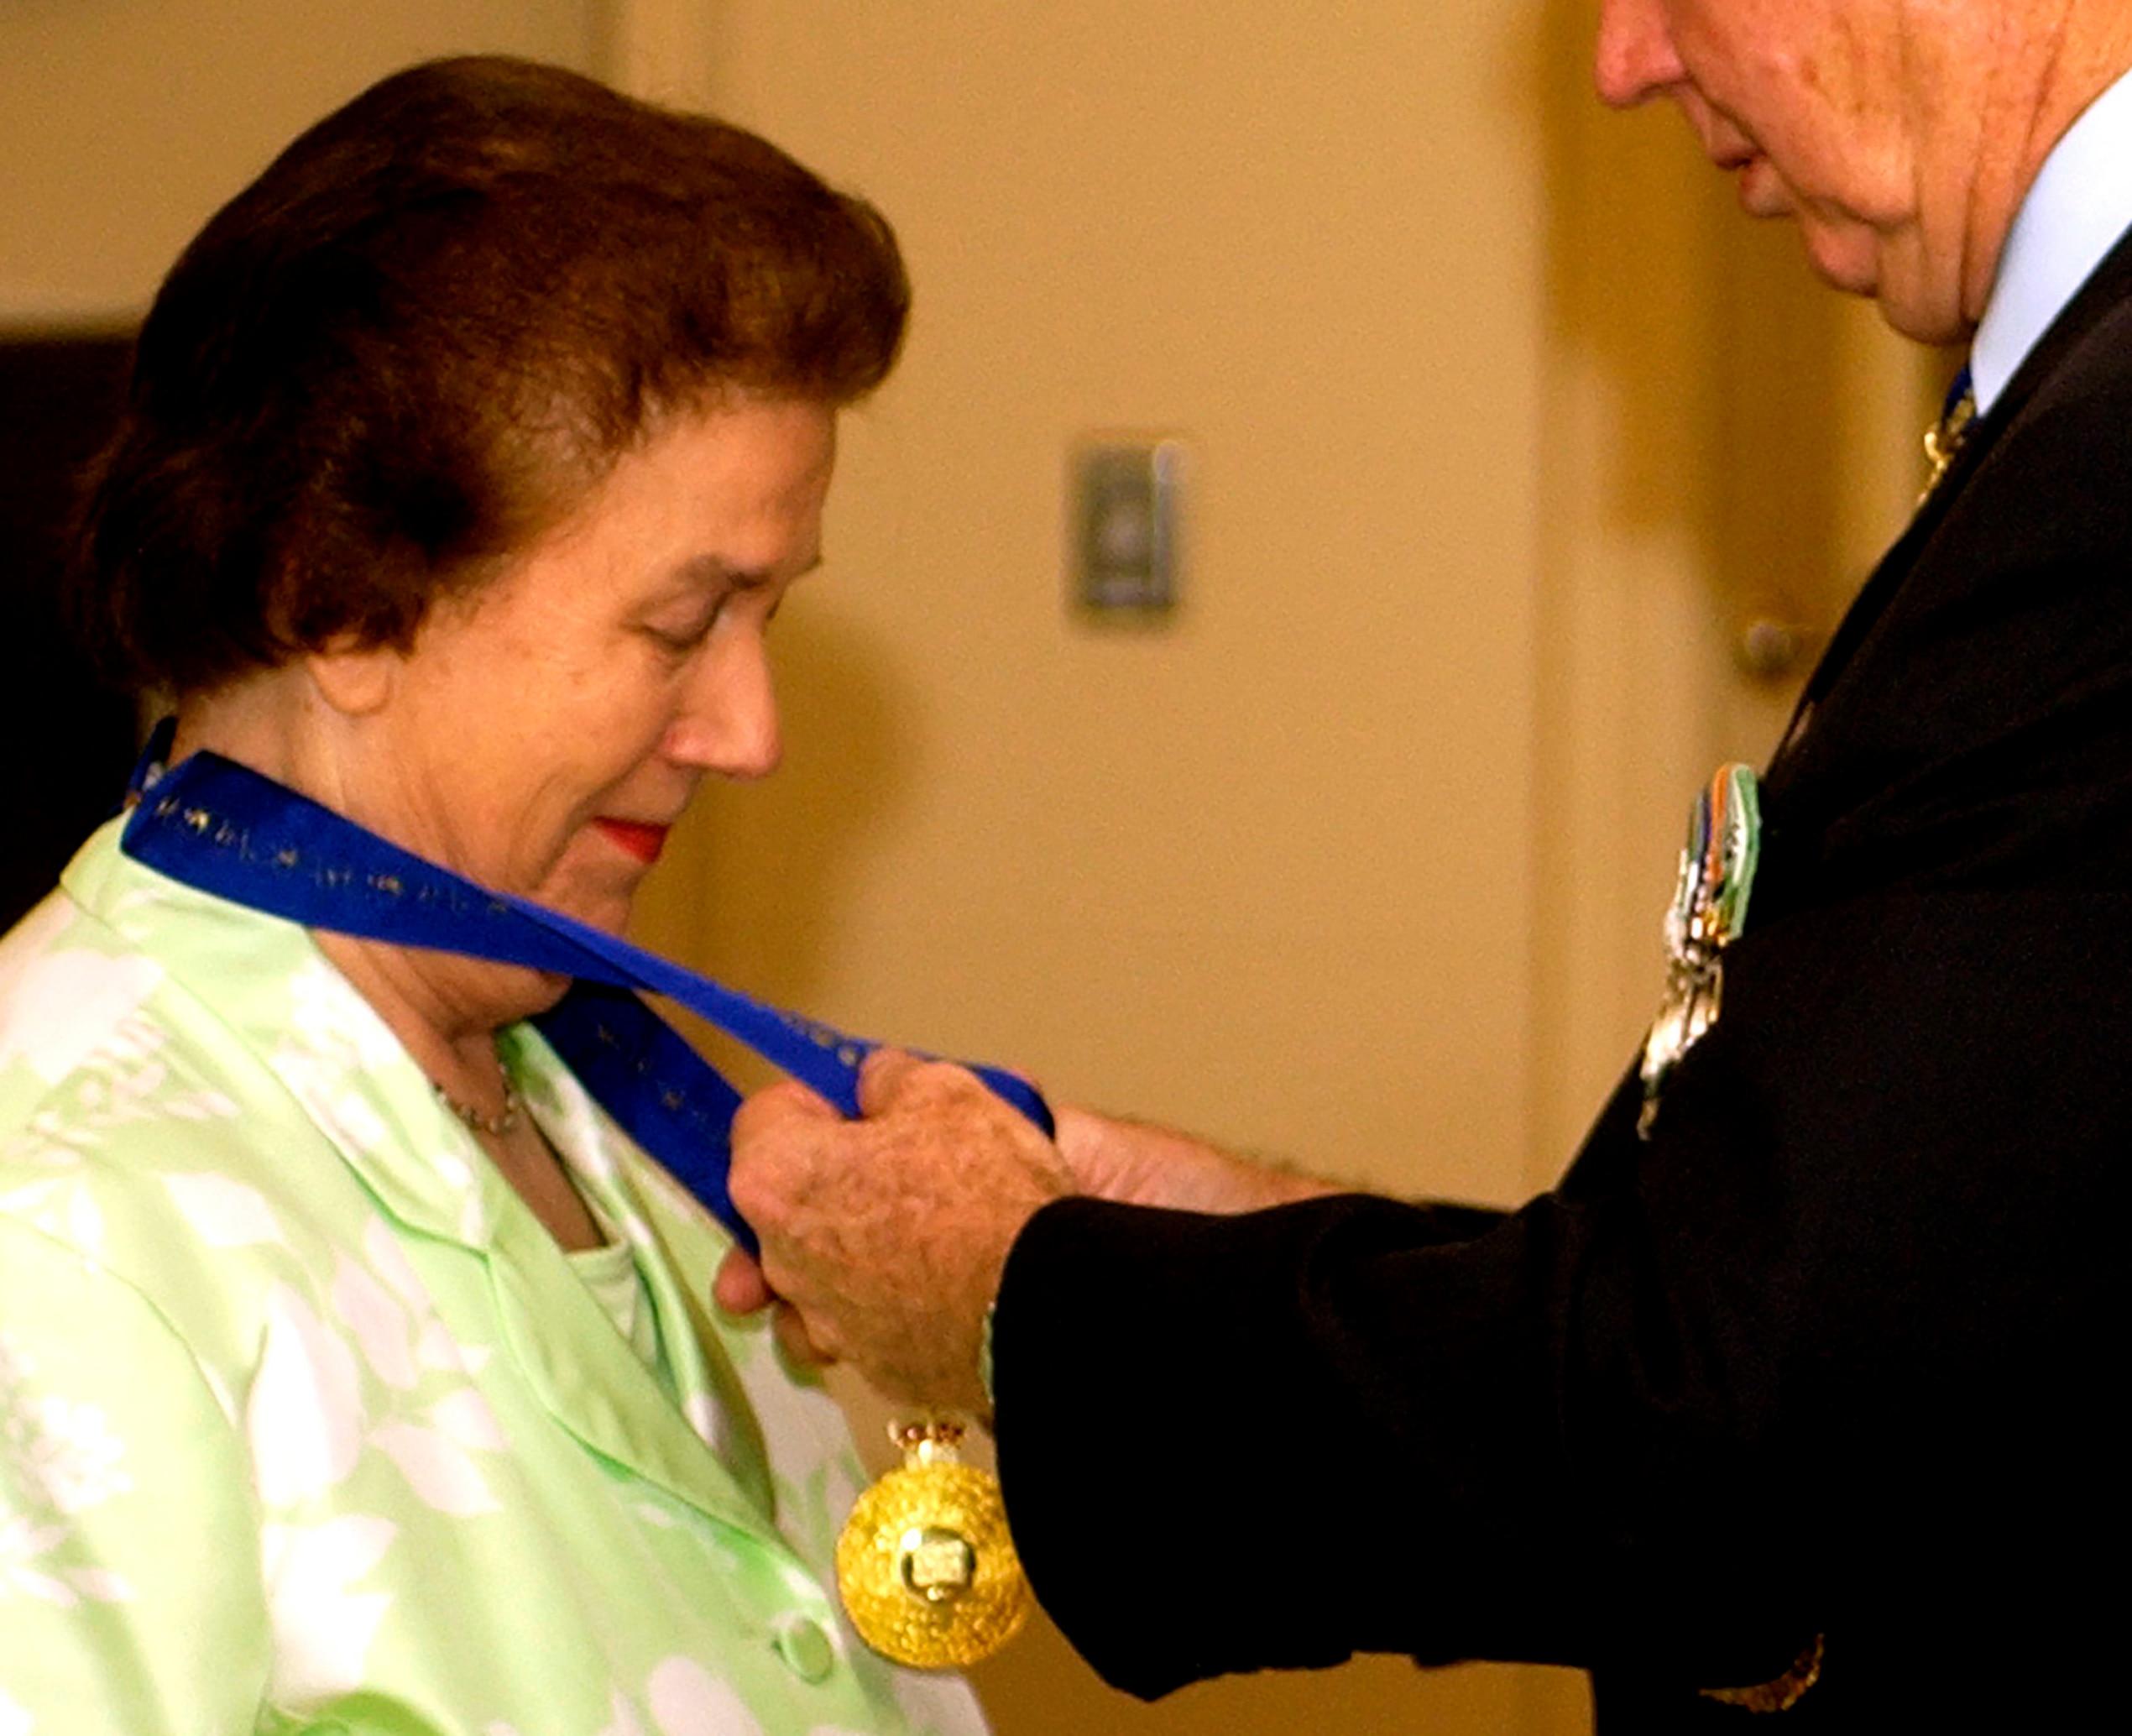 حصلت السيدة مارغريت جيلفويل على وسام أستراليا من الحاكم العام مايكل جيفري في سبتمبر 2005.